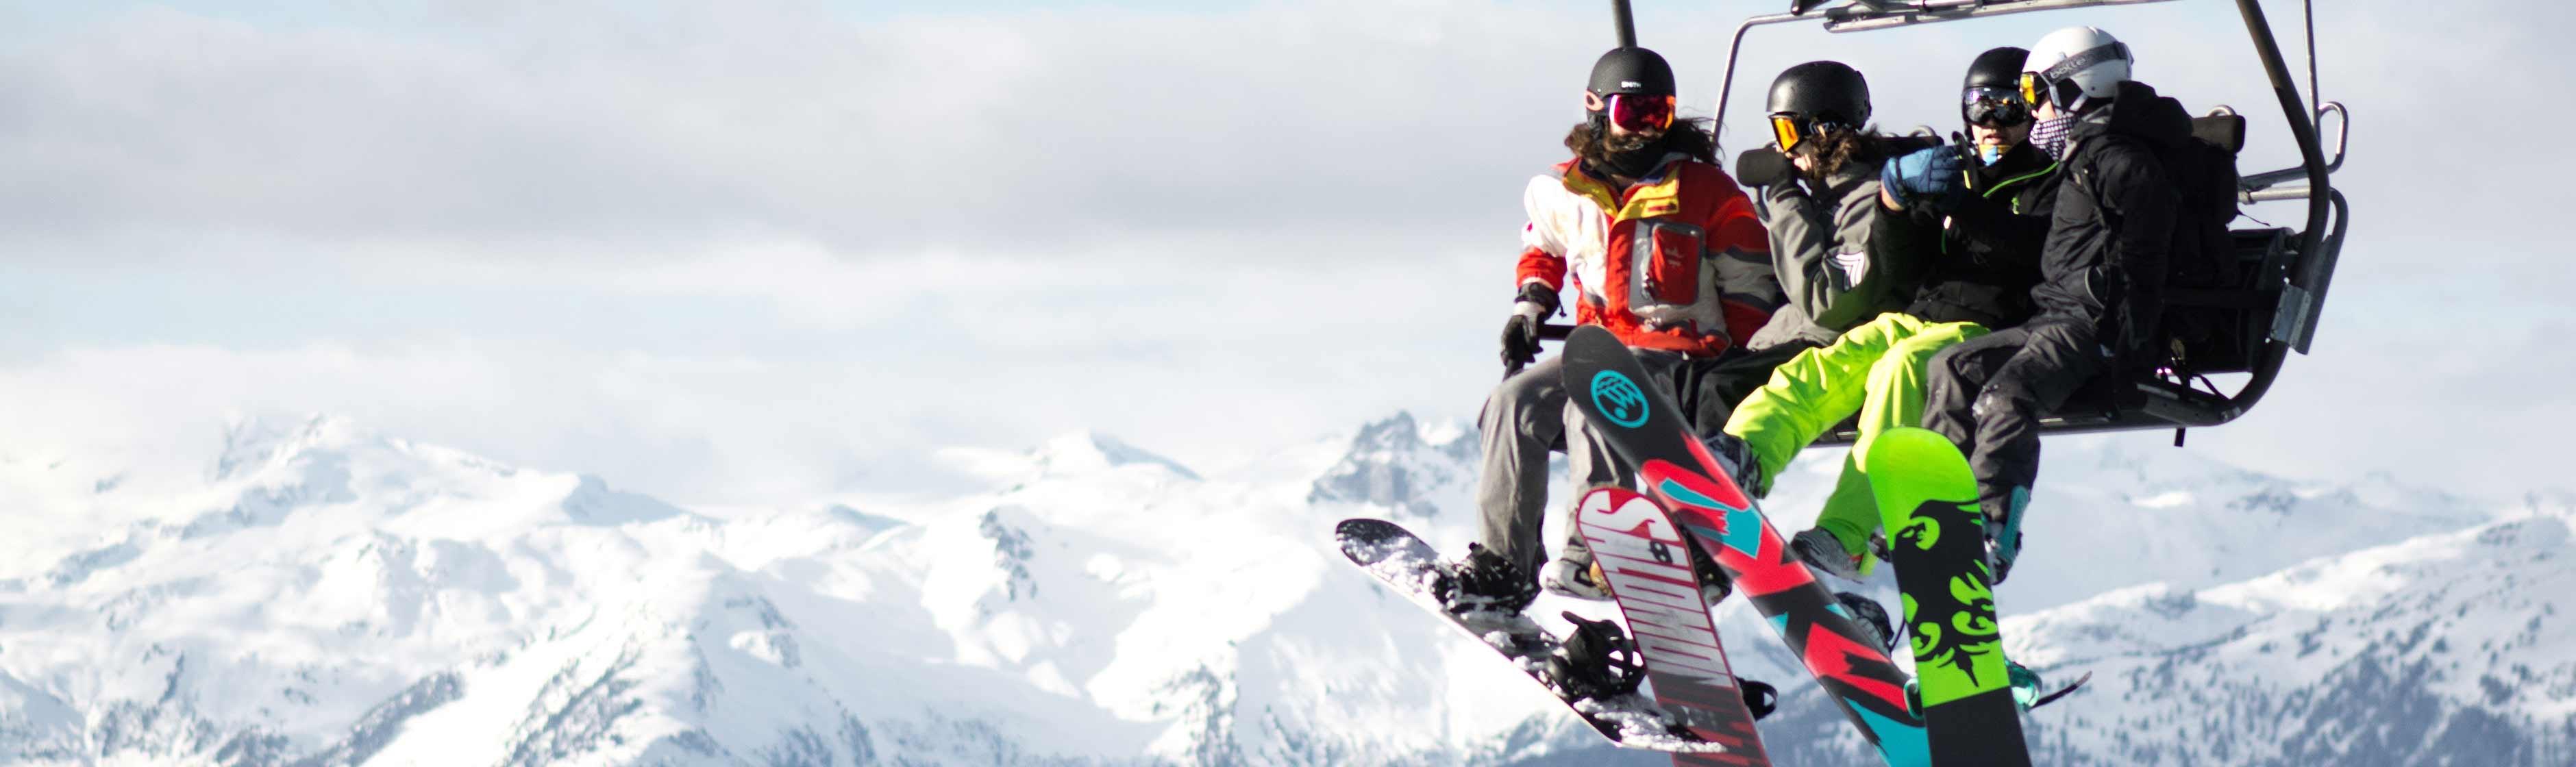 Snowboarders in een skilift